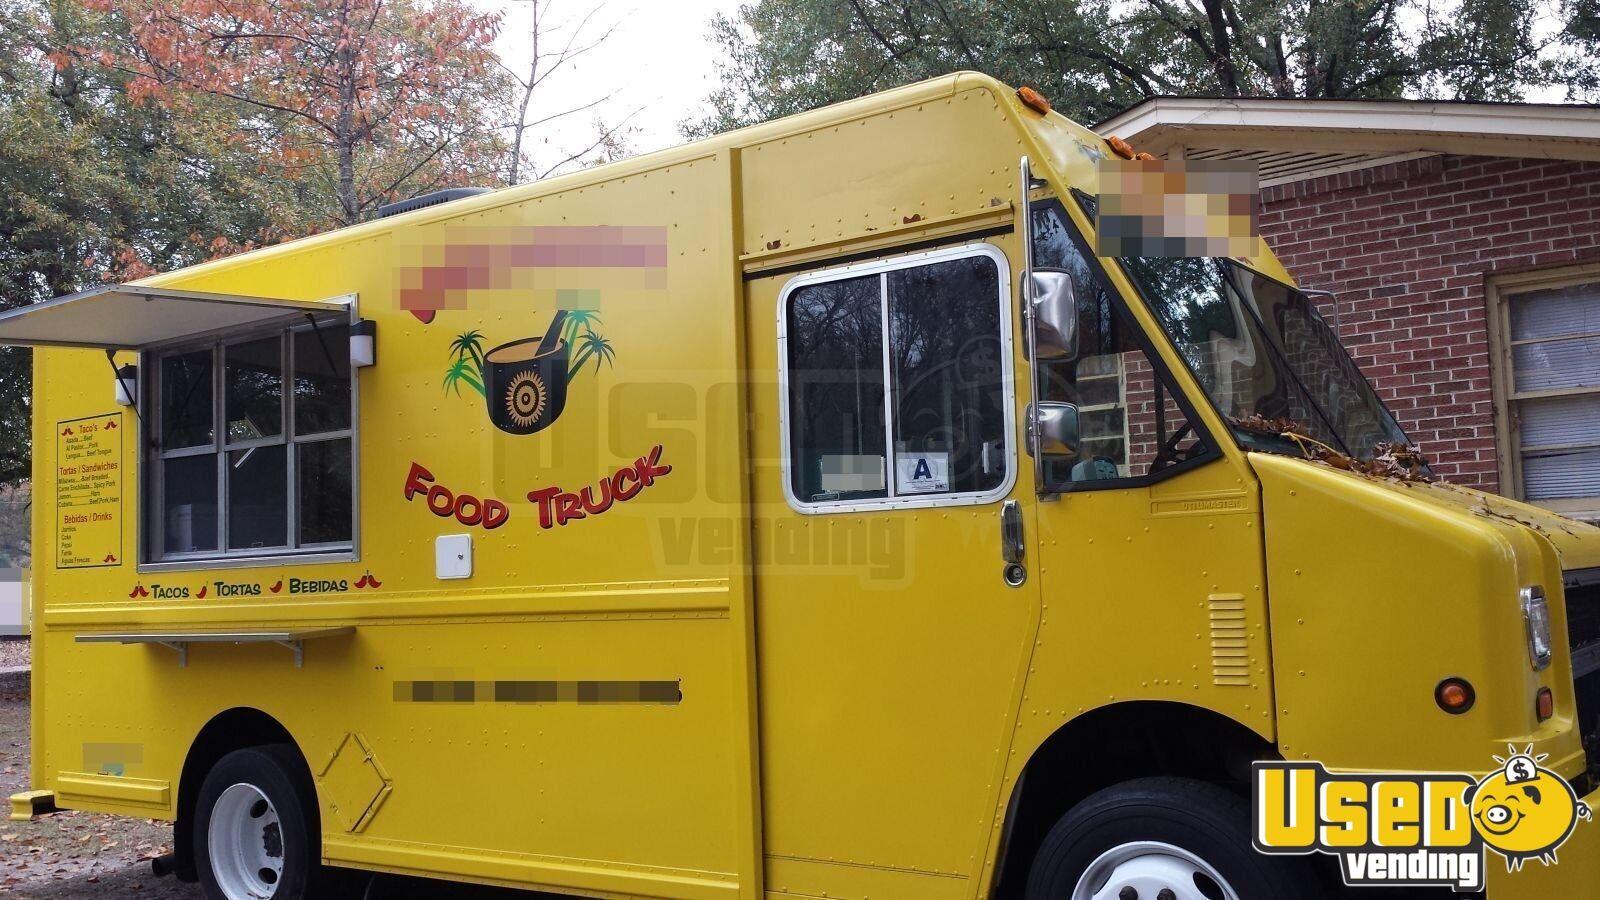 used freightliner food truck for sale in south carolina mobile kitchen. Black Bedroom Furniture Sets. Home Design Ideas